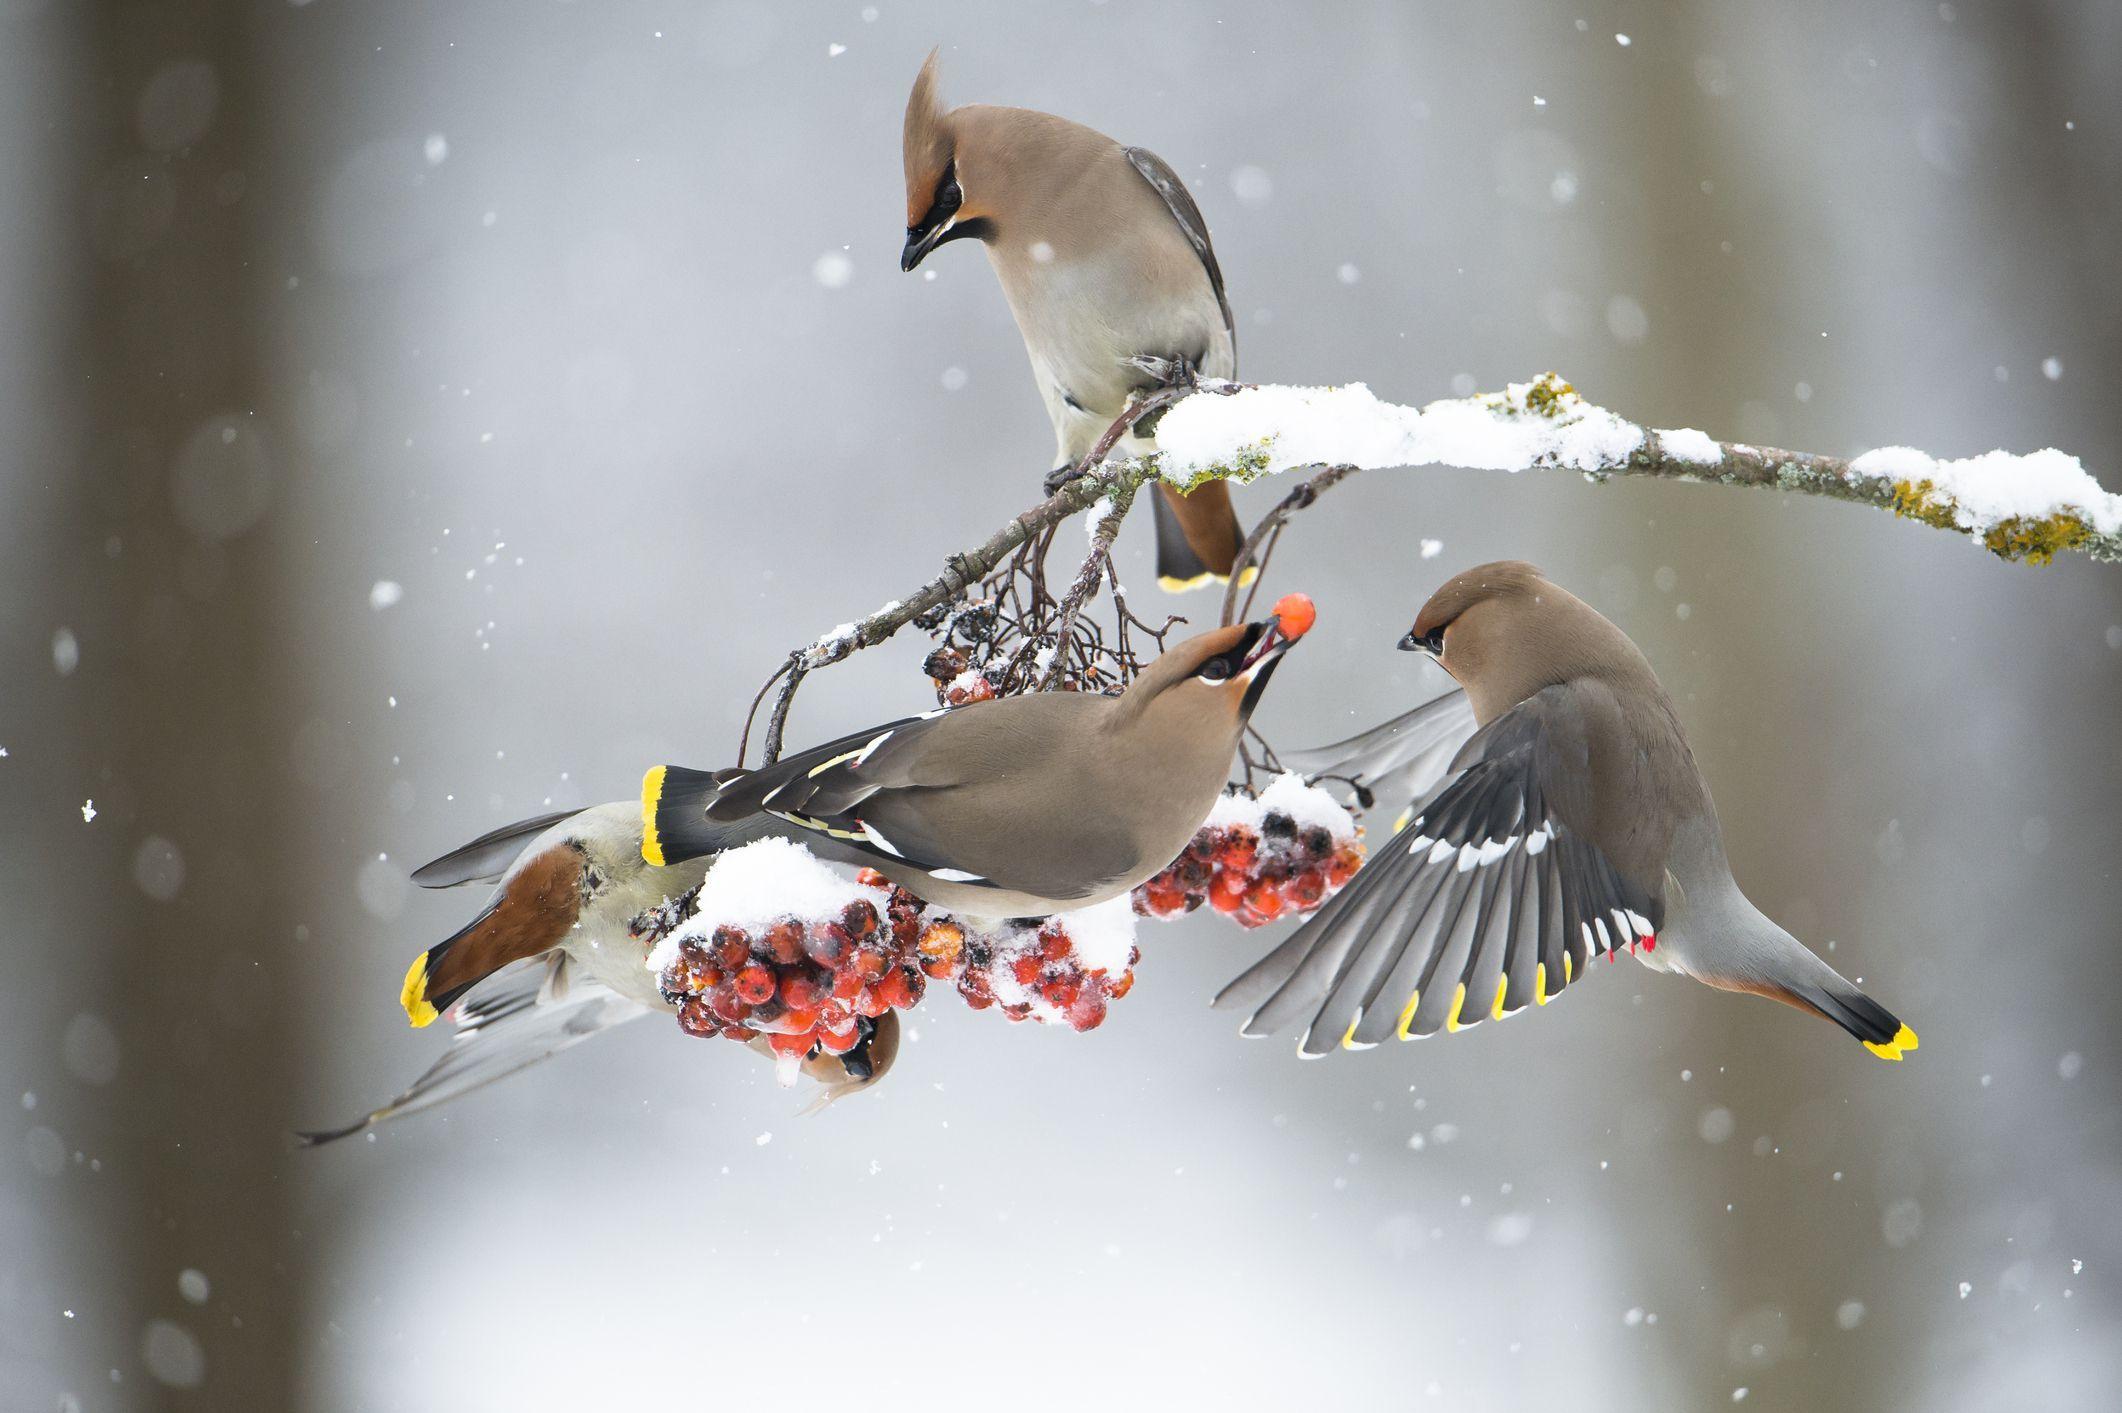 Прикольные картинки с птицами зимой, обои прикольные